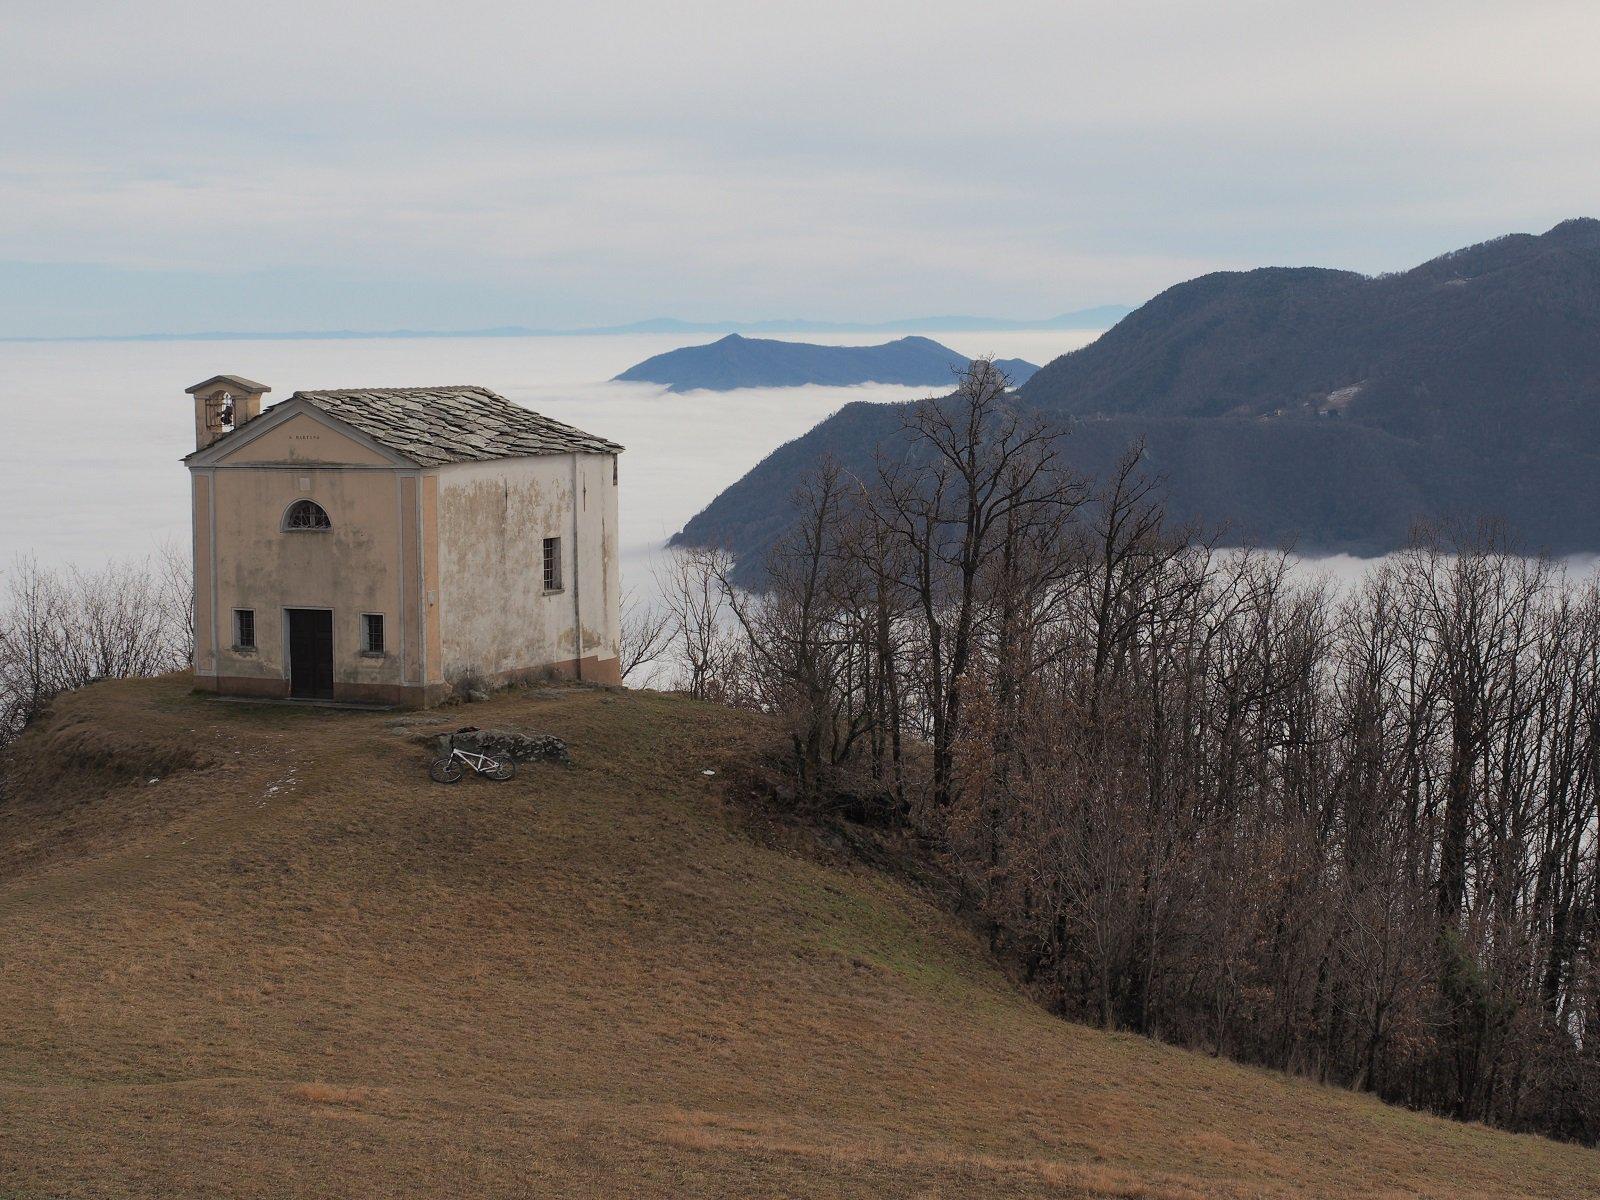 La bella chiesetta con la valle sullo sfondo (e la nebbia...)